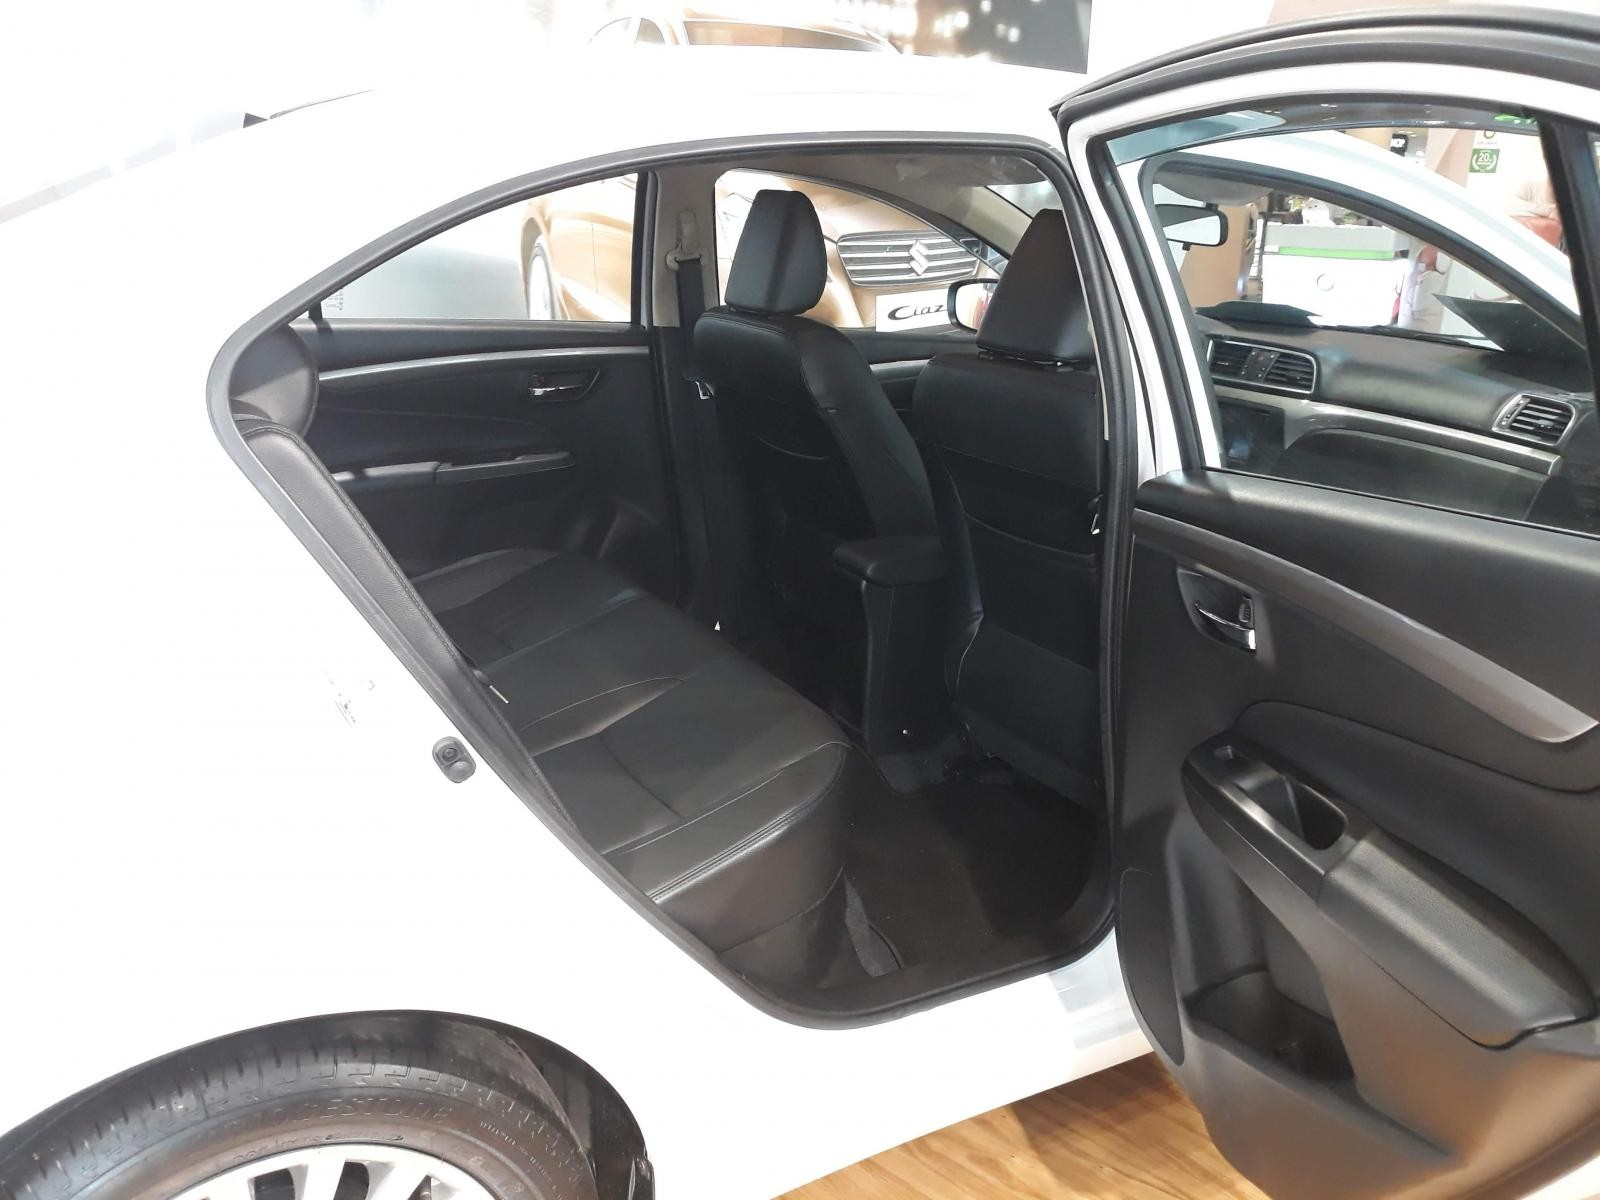 Bán Suzuki Ciaz full AT 2019, màu trắng, sở hữu xe chỉ 7.8 triệu 1 tháng